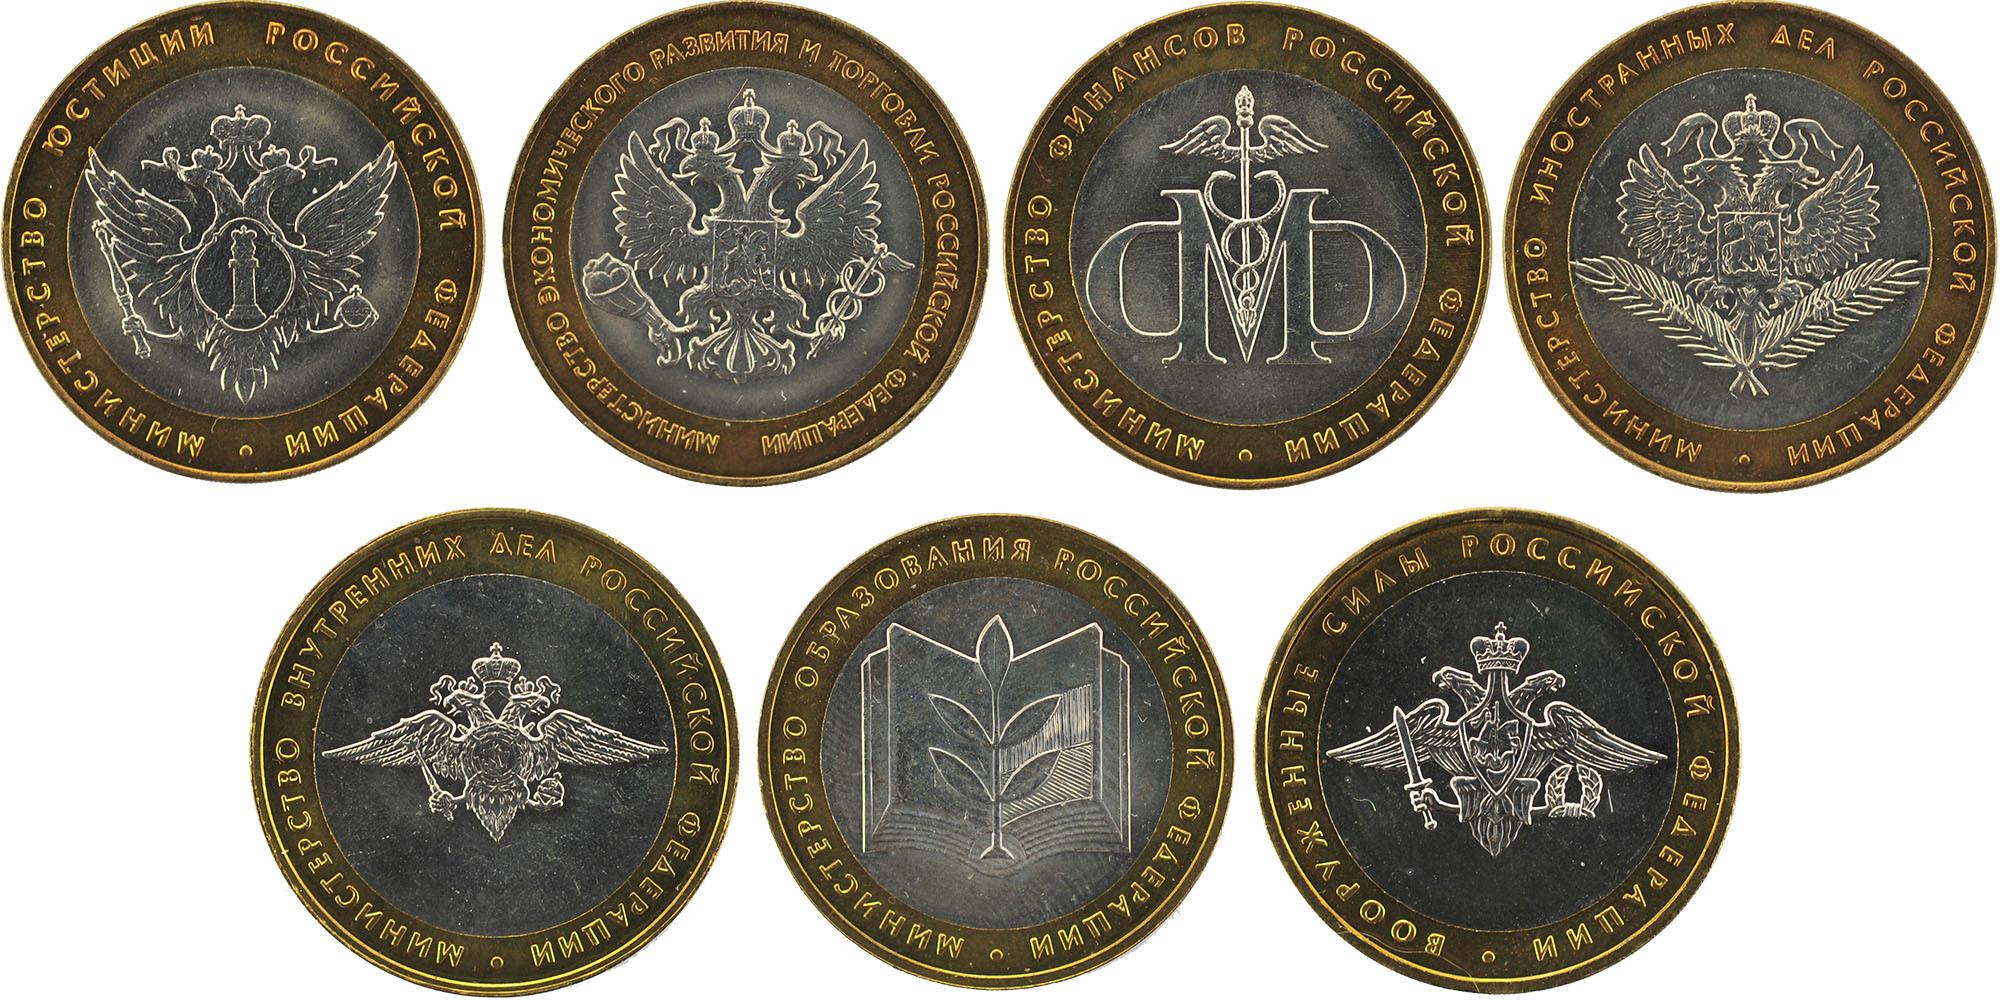 Набор из 7 монет Министерства РФ 2002 год